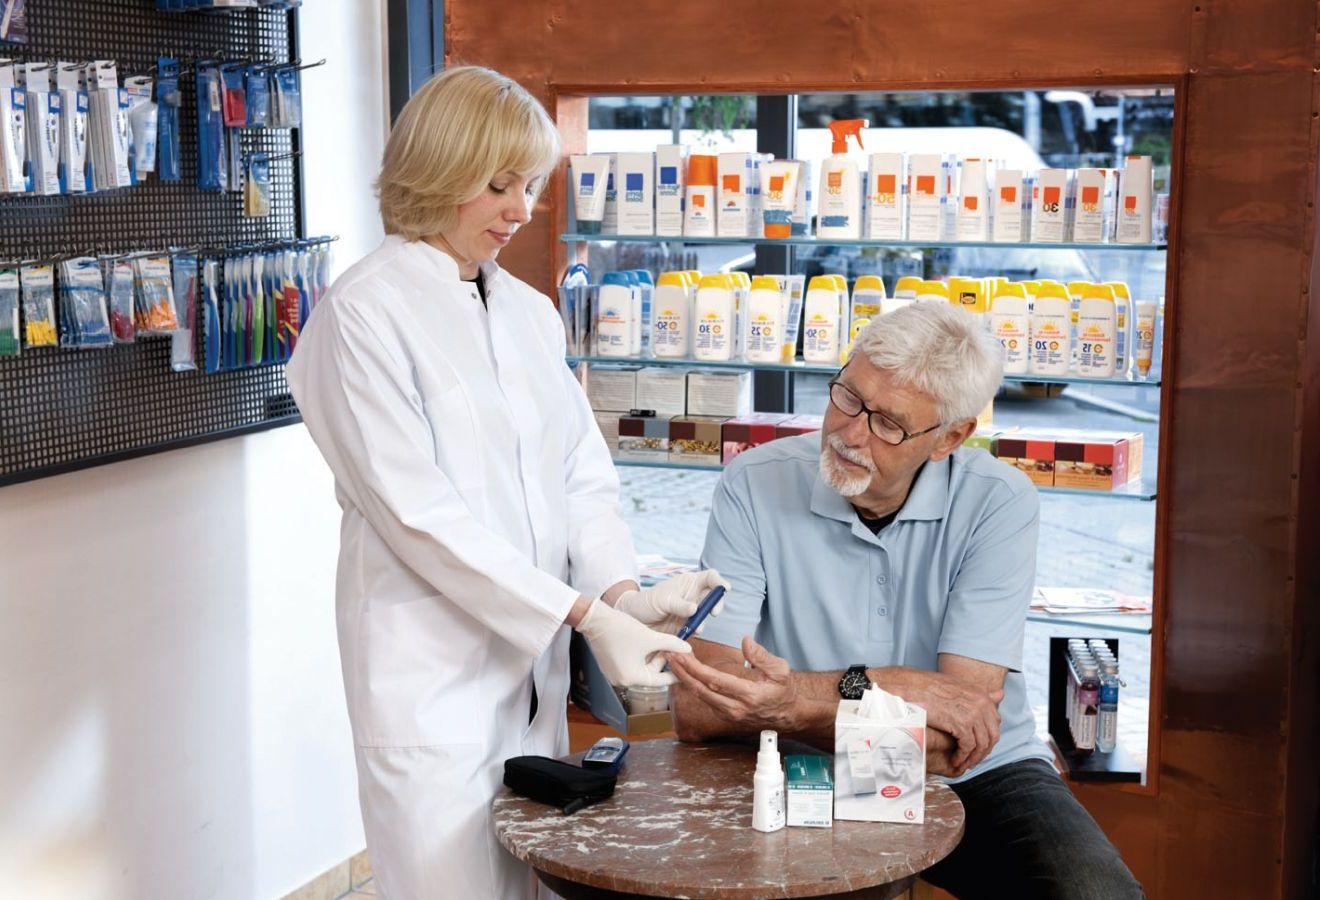 Übergewicht, Bluthochdruck, erhöhte Blutfett- und Cholesterinwerte, erhöhte Blutzuckerwerte sind in aller Munde. Auch hier leisten die deutschen Apothekerinnen und Apotheker täglich wichtige Präventionsarbeit. Die klassischen Gesundheitschecks wie Blutzucker- und Blutdruckmessung können Verbraucher gleich in der Apotheke machen lassen. Die Checks werden für eine Schutzgebühr angeboten - ohne Wartezeiten und Praxisgebühr.    Das hier angebotene Bildmaterial steht zur redaktionellen Verwendung im Rahmen der gesetzlichen Bestimmungen zur freien Verfügung. Bei Verwendung der Bilder ist ausdrücklich auf die ABDA als Quelle hinzuweisen.